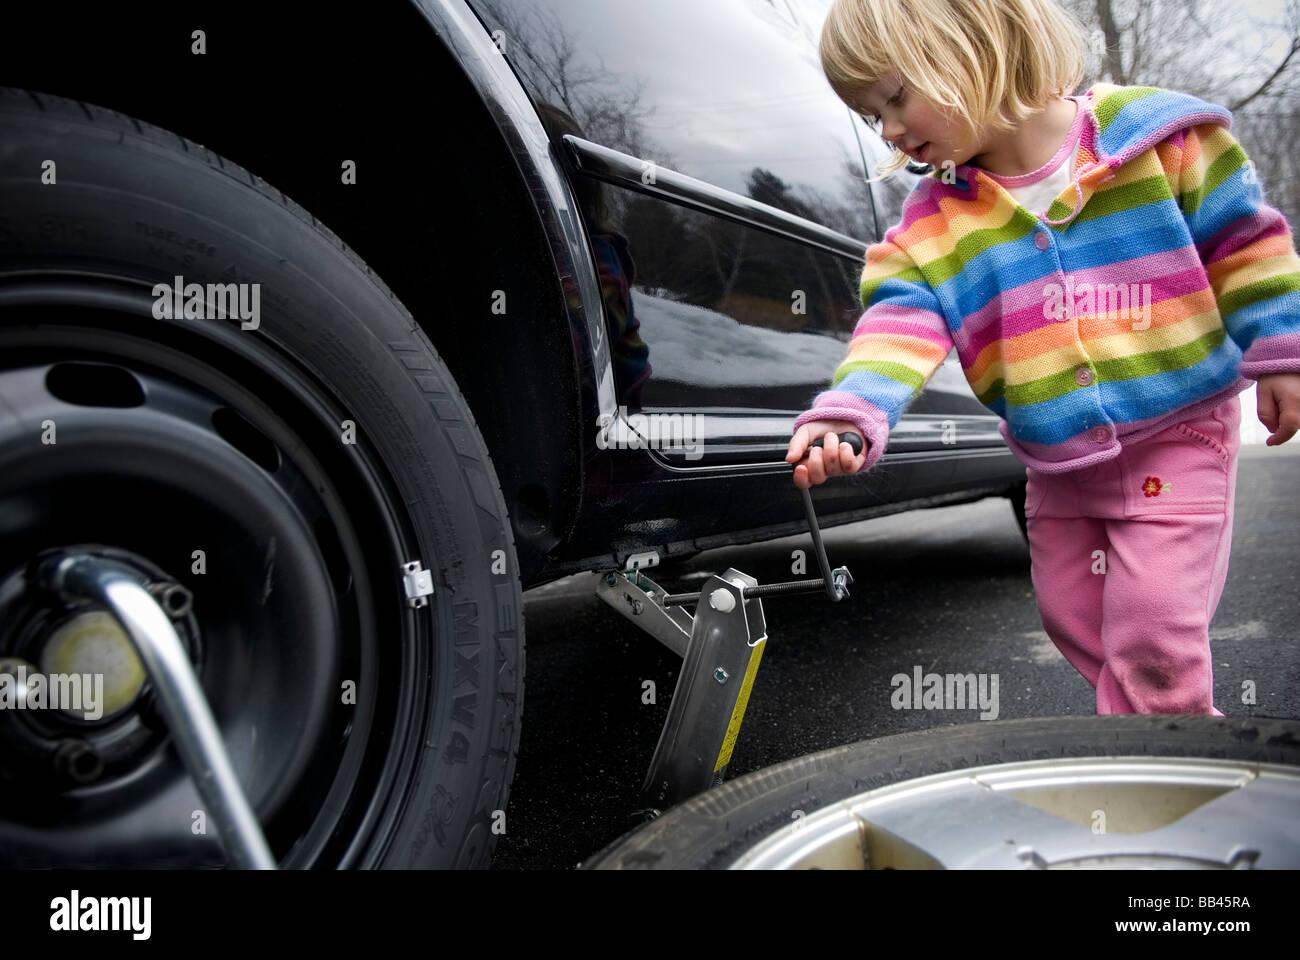 2-3 Jahre altes Mädchen ändern einer Reifenpanne, Cumberland, Maine. Stockbild